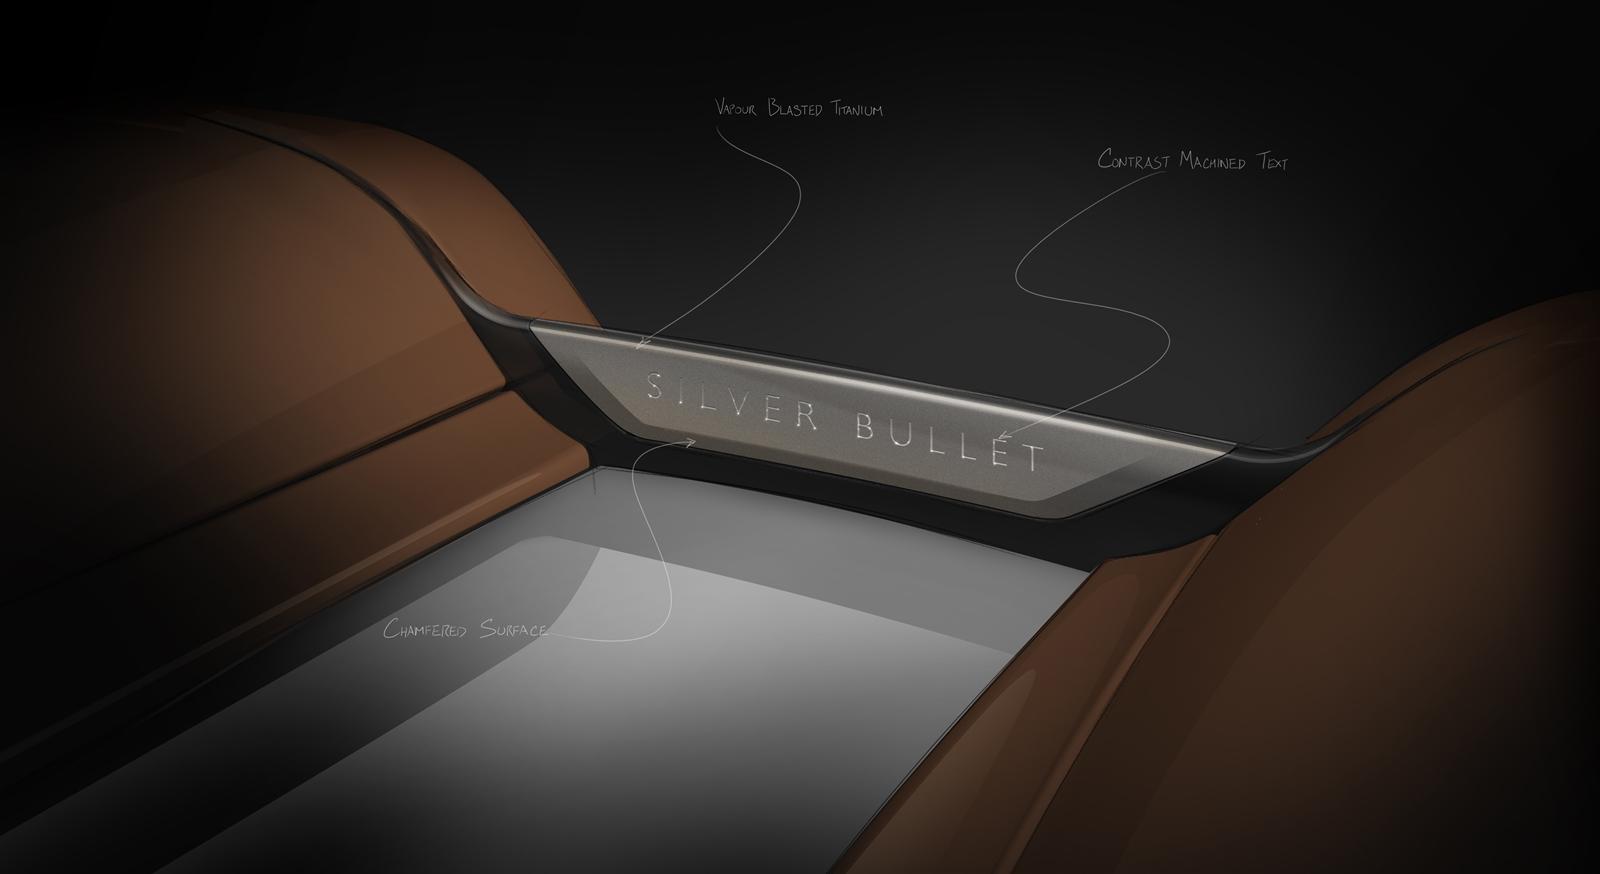 Rolls Royce Silver Bullet (2)